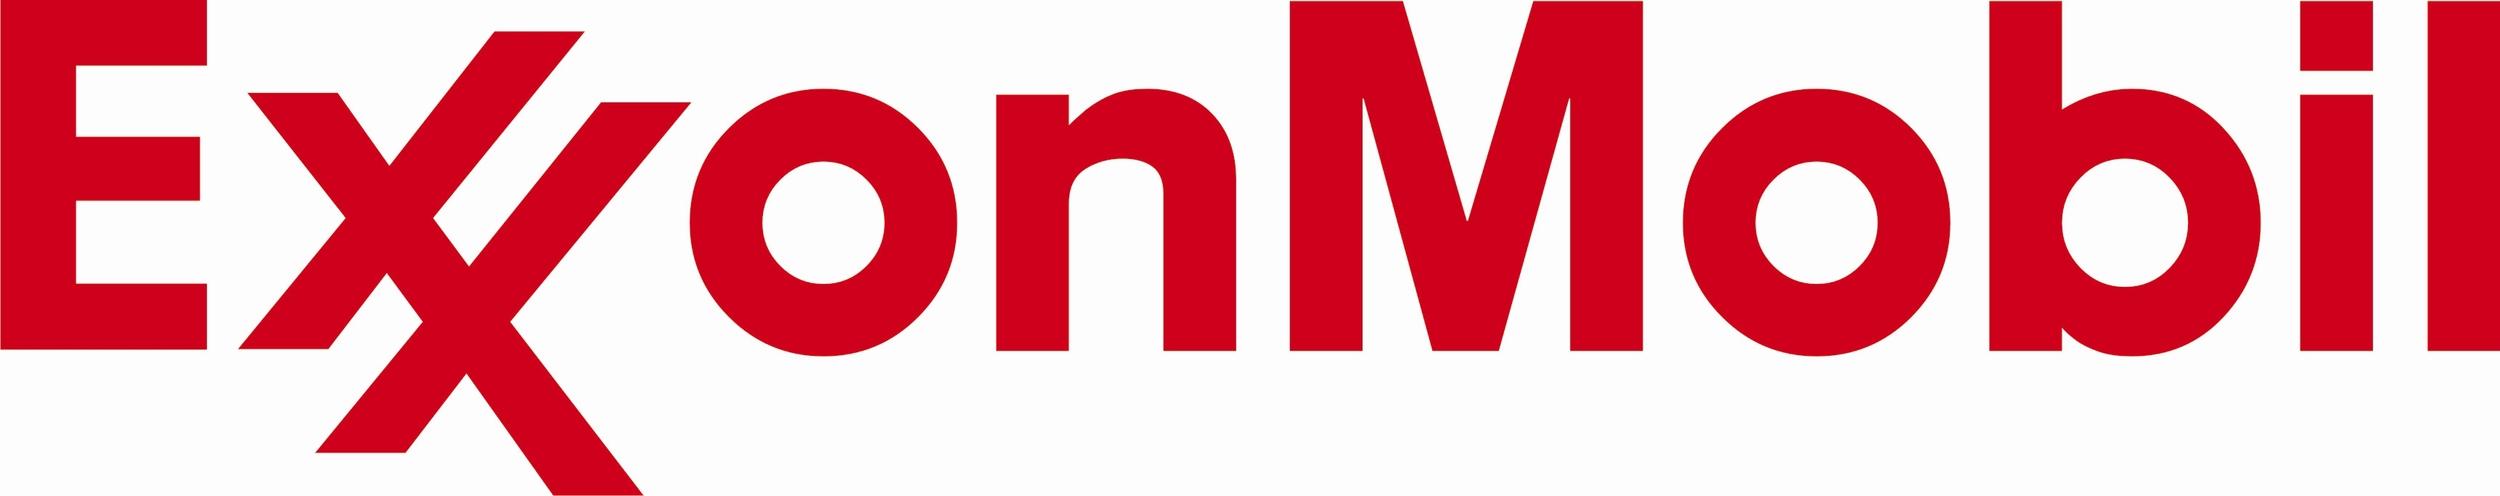 exxonmobil-logo.jpg